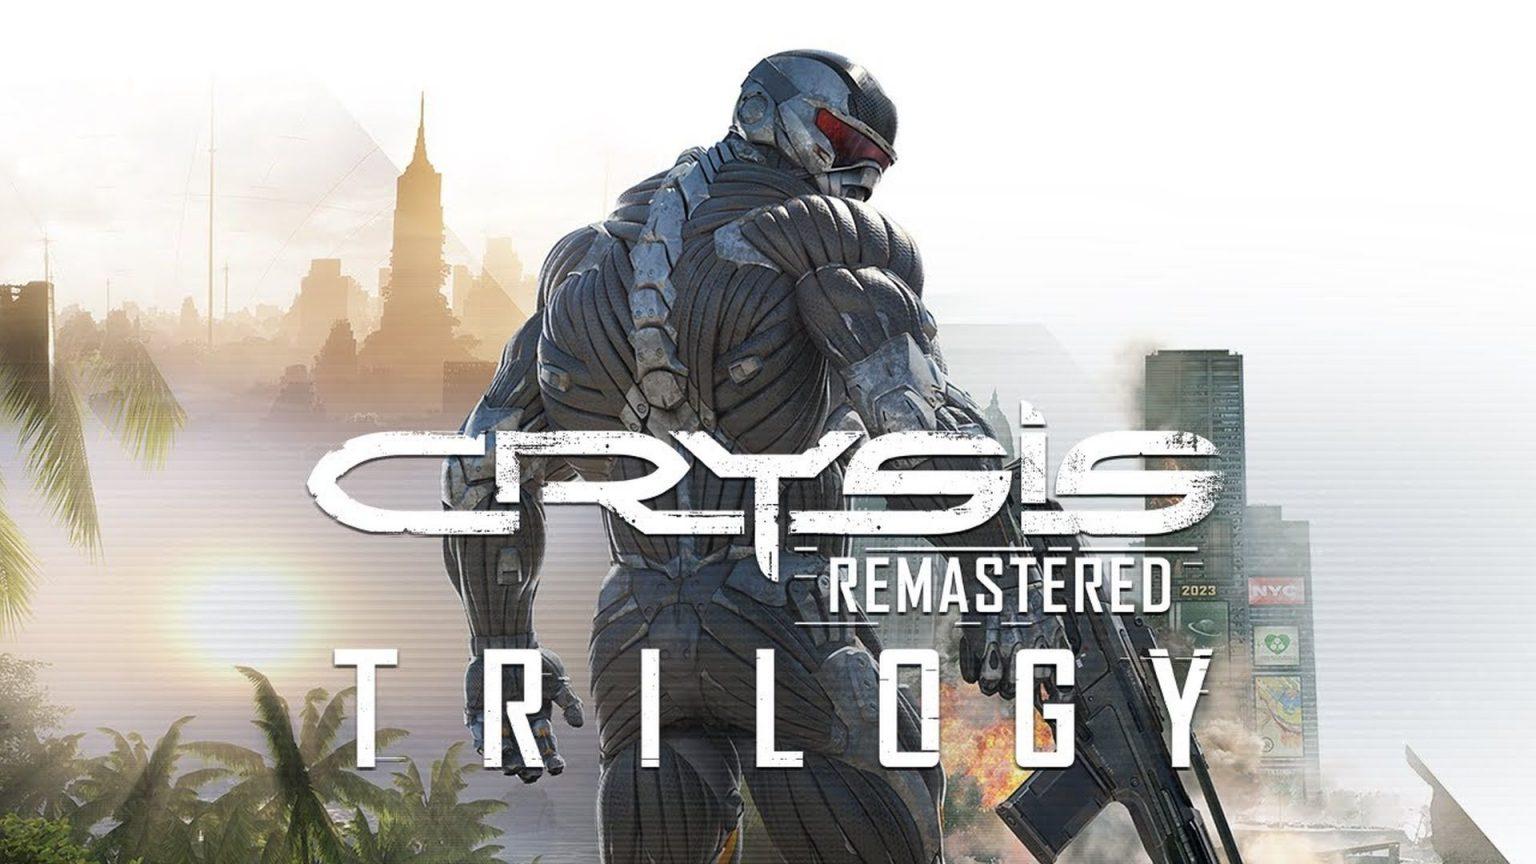 از بازی Crysis Remastered Trilogy رونمایی شد